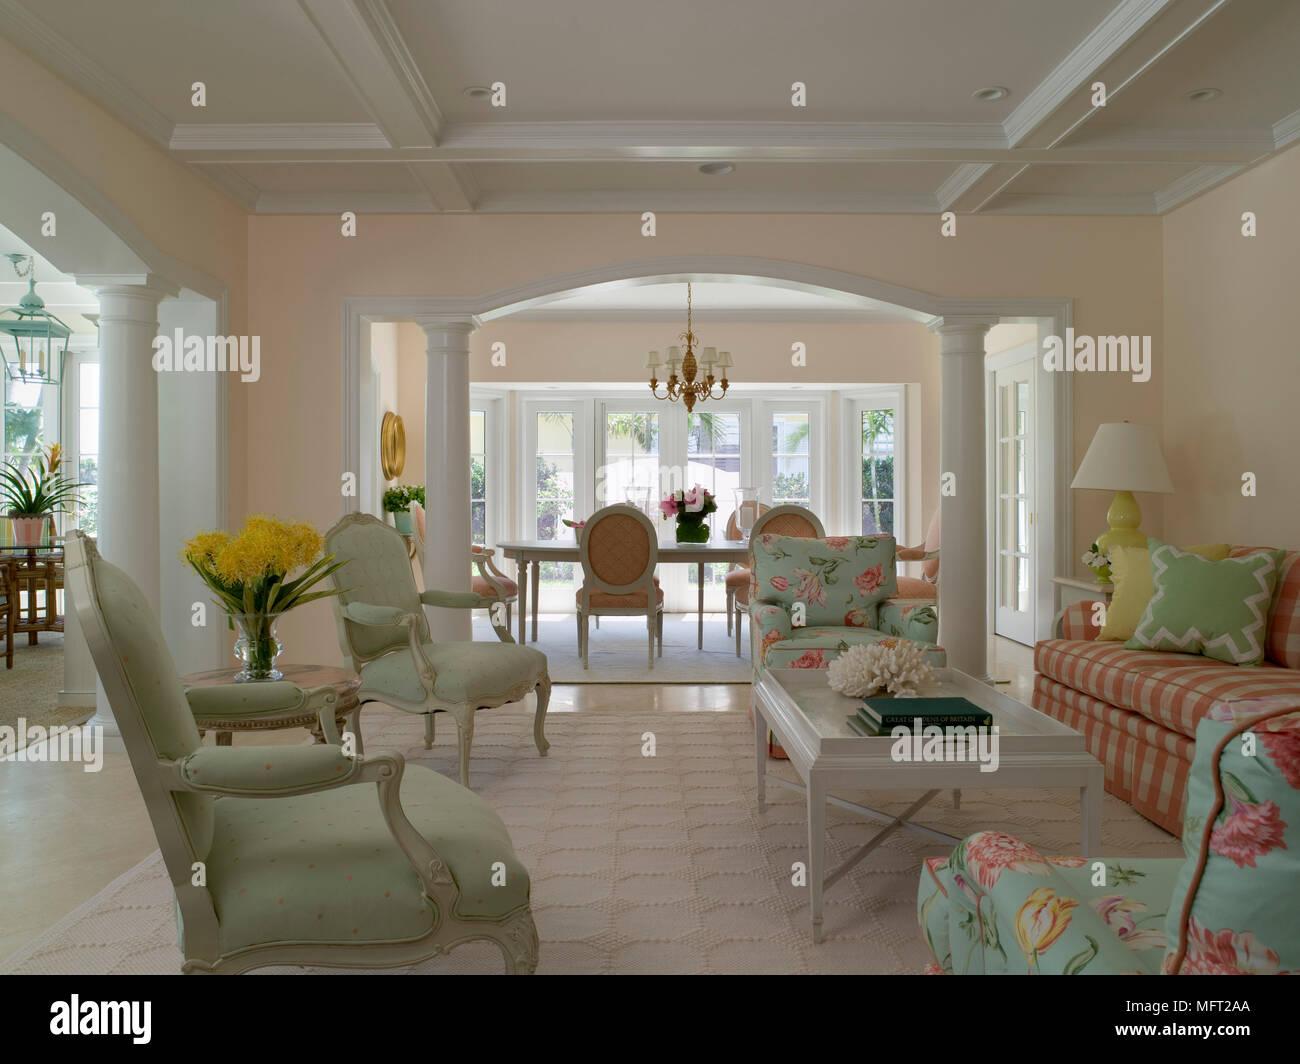 Ein Traditionelles Wohnzimmer, Balkendecke, Blick Durch Die Offenen  Torbogen, Esszimmer, Gepolsterte Stühle, Couchtisch, Beige Teppich.